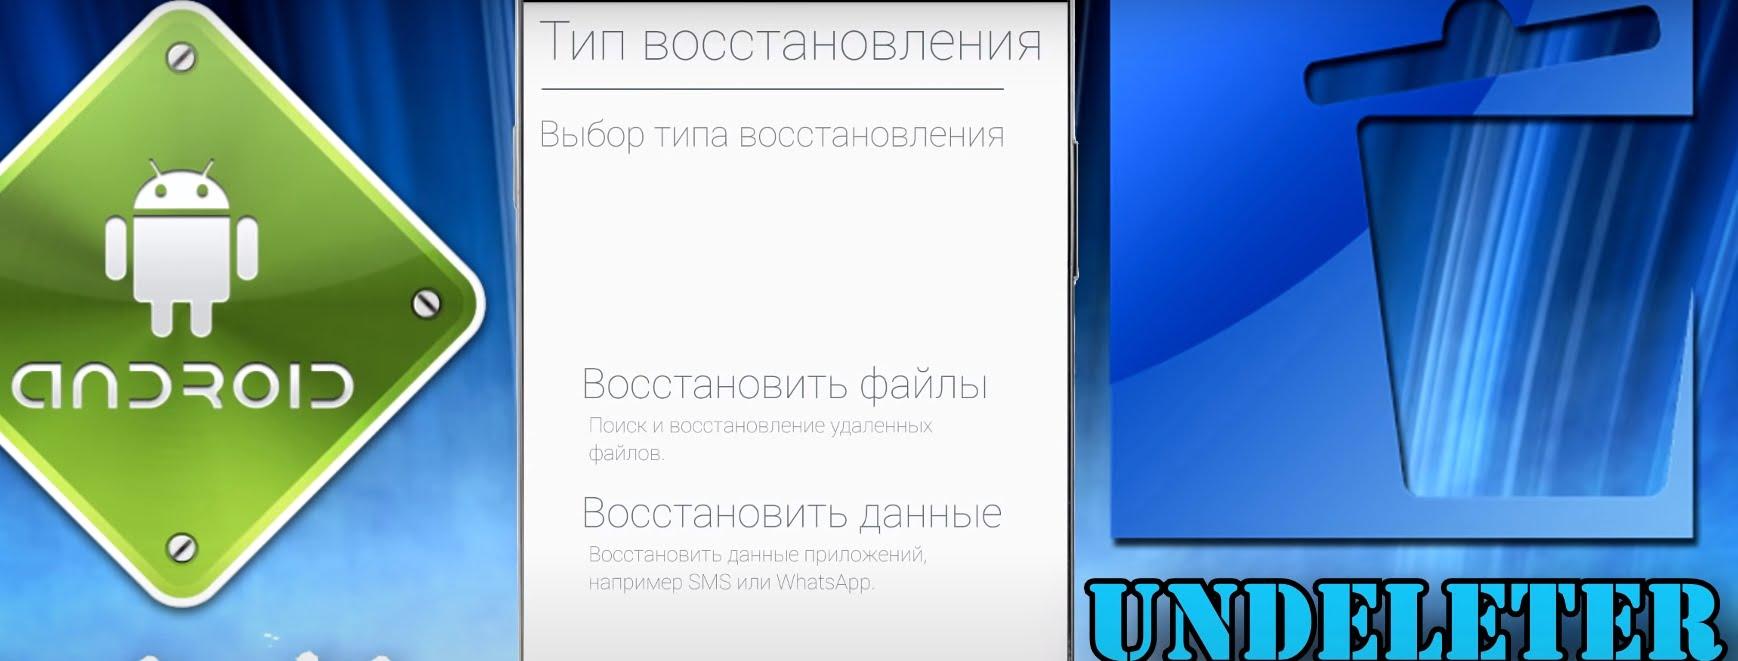 На фото изображена программа Undeleter.